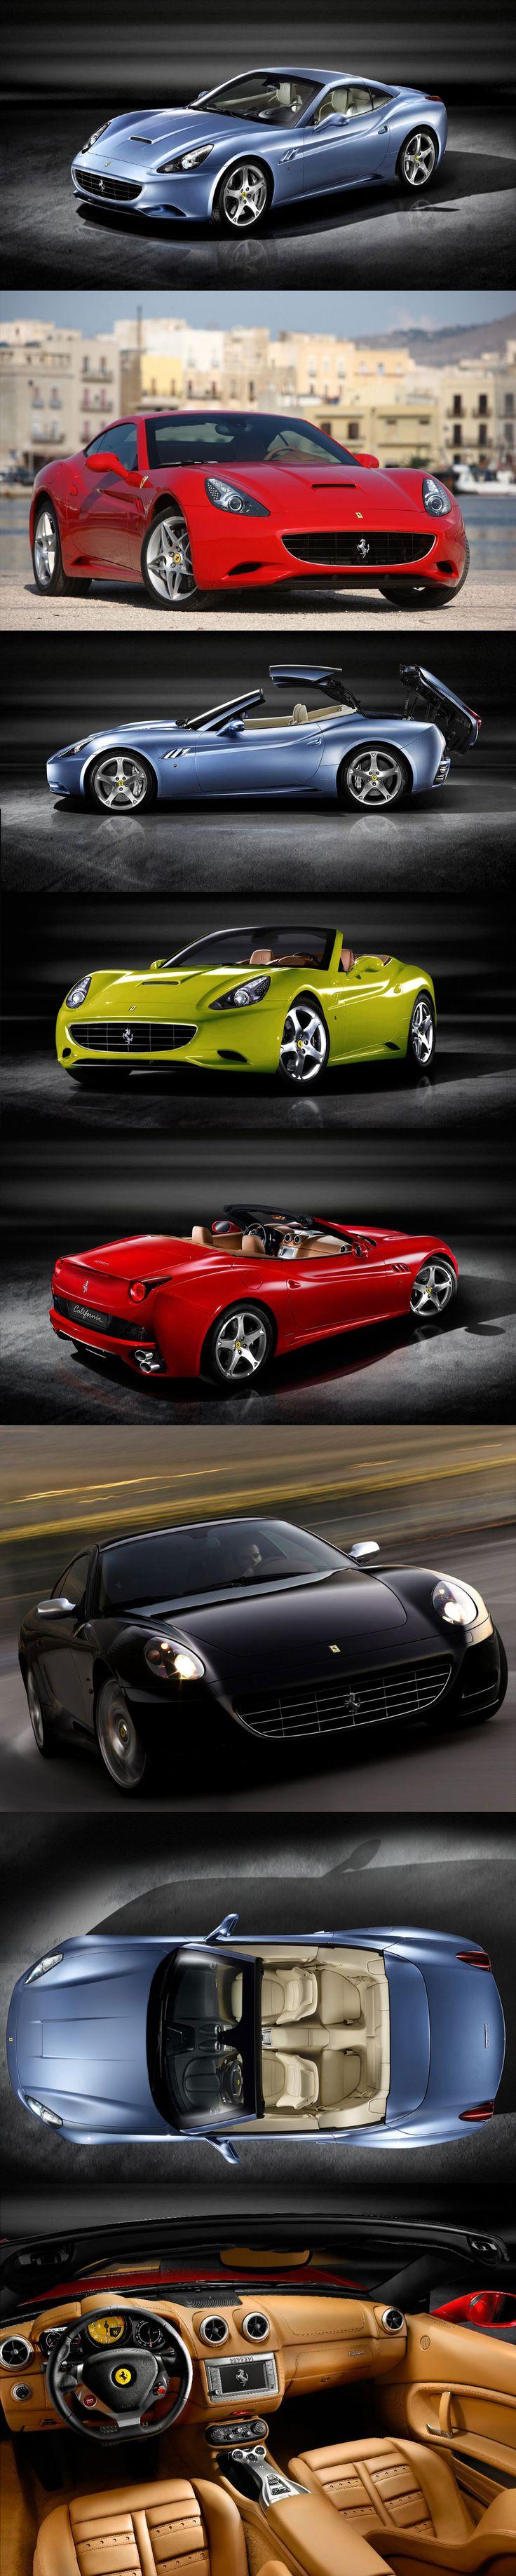 trafficmonsoon.com/ ...repinned für Gewinner! - jetzt gratis Erfolgsratgeber sichern www.ratsucher.de